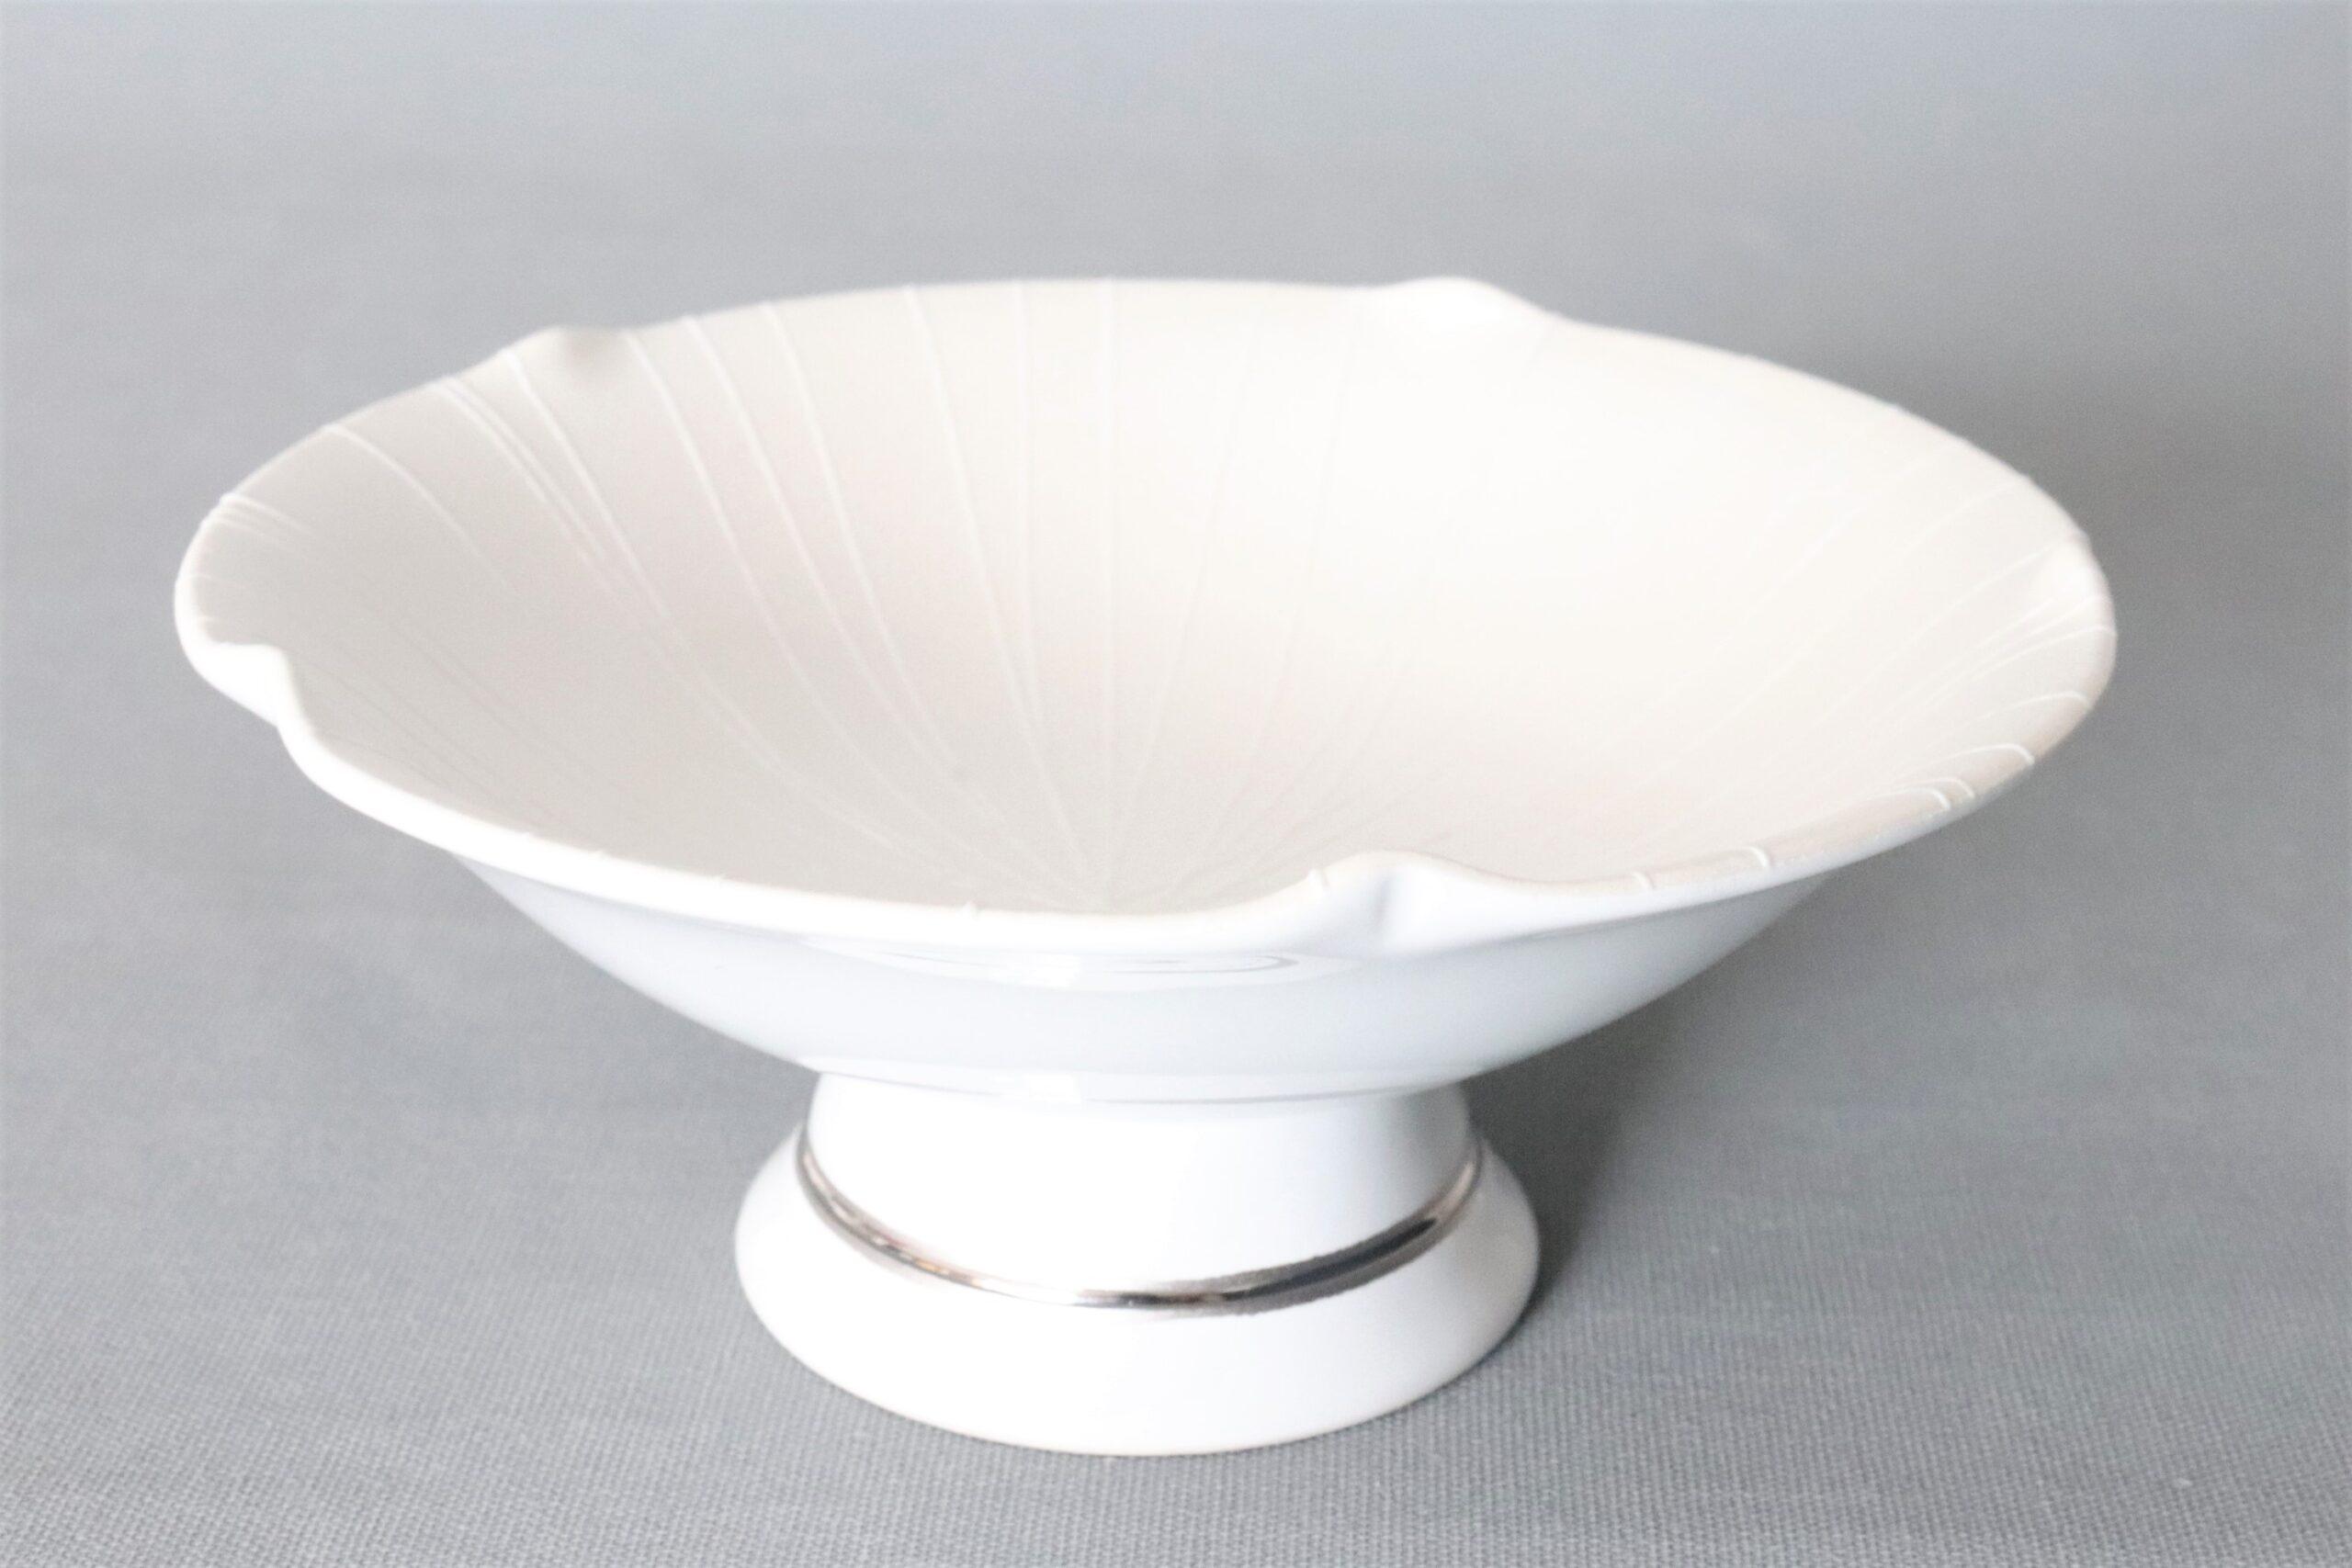 【有田焼強化磁器】白磁大輪一珍雲母銀彩五方なぶり高台小丼